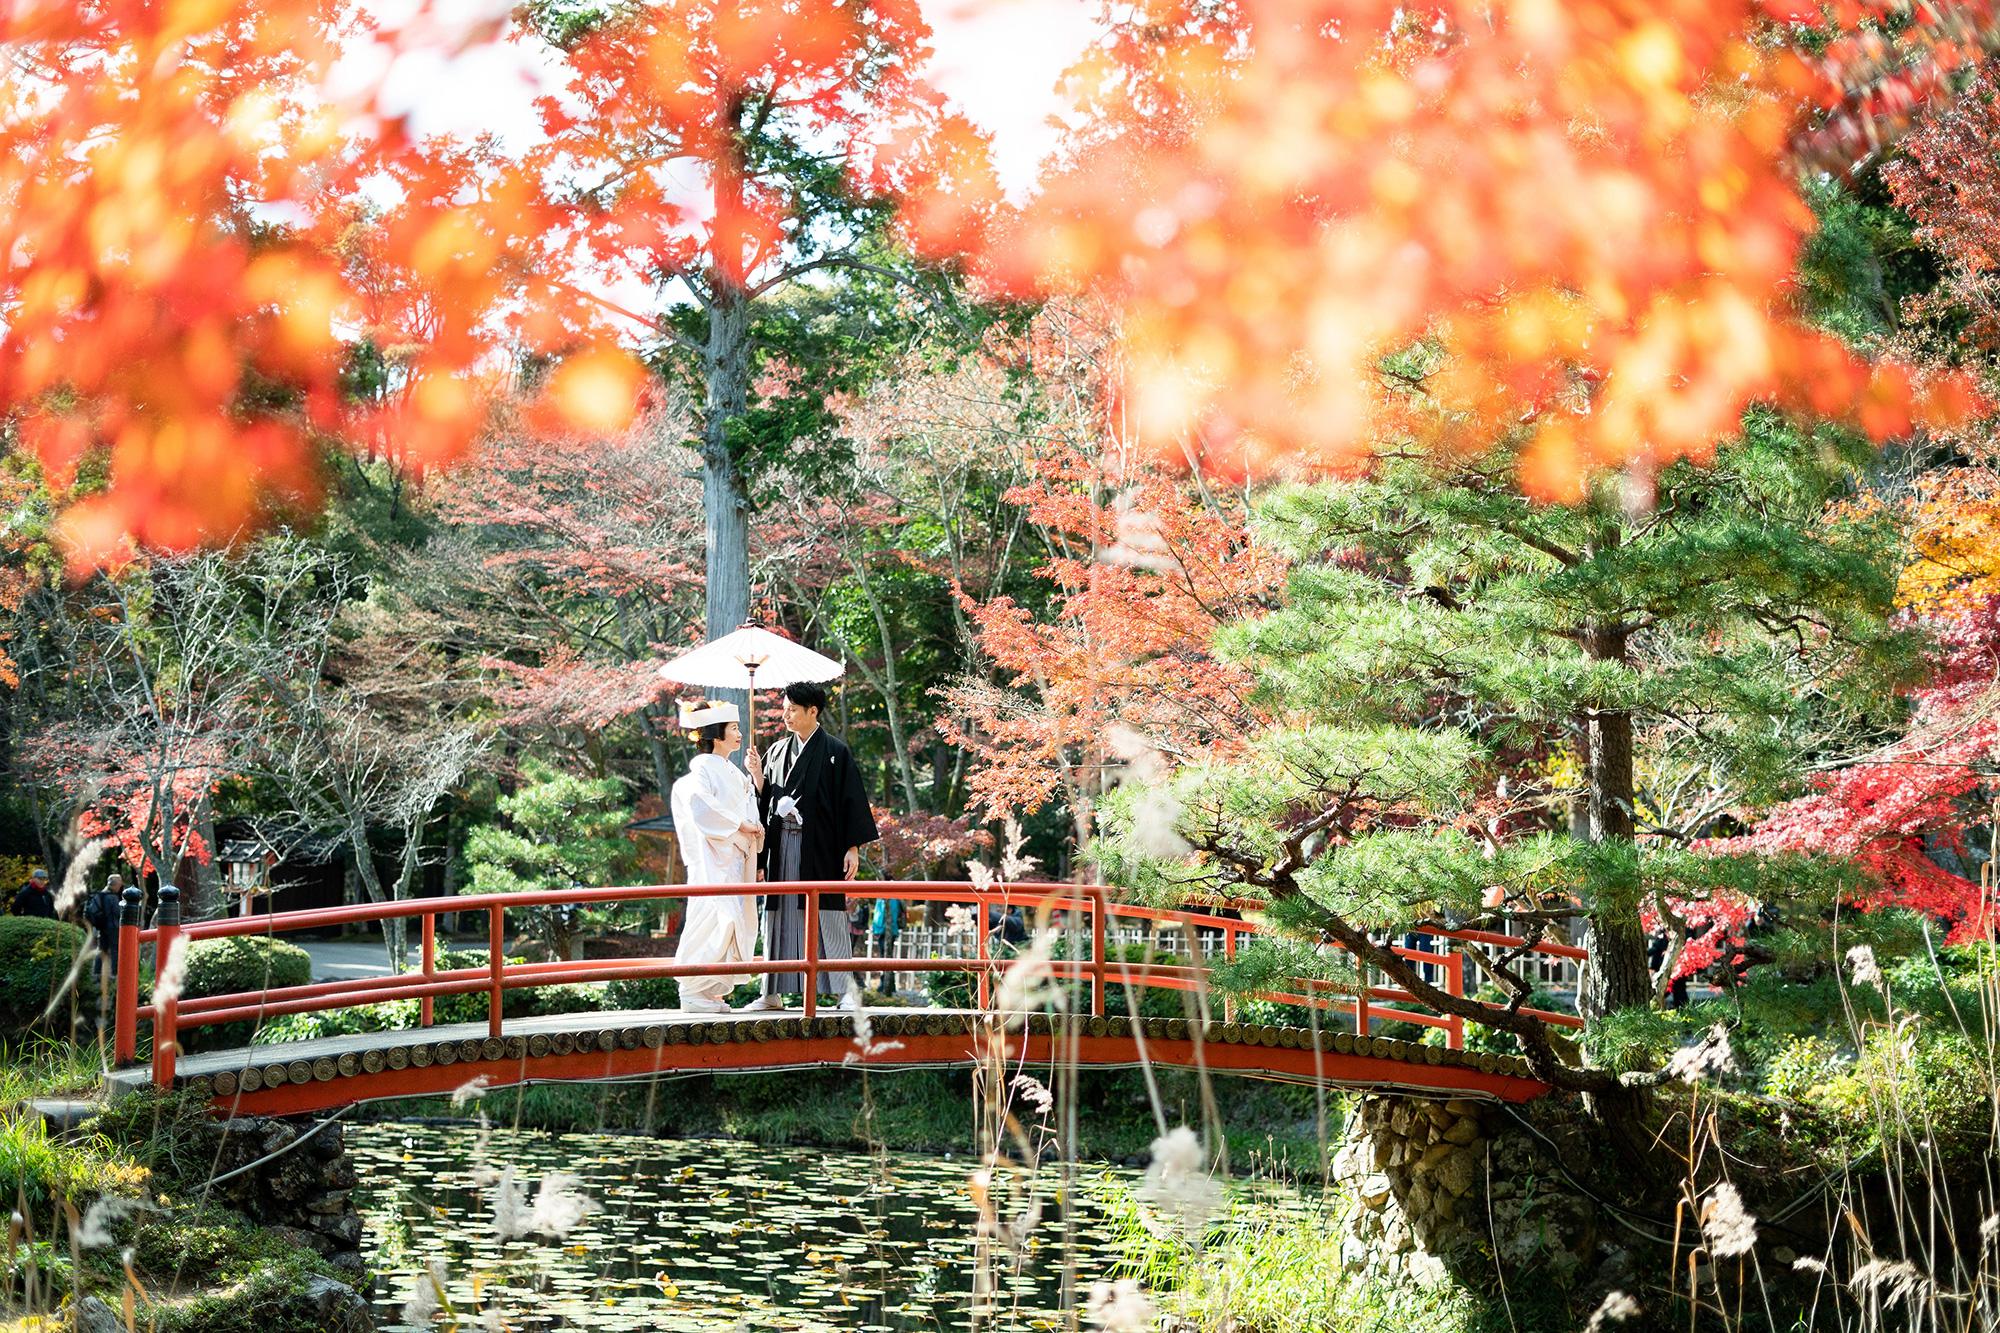 京都の大原野神社で前撮り。朱色の橋の上。